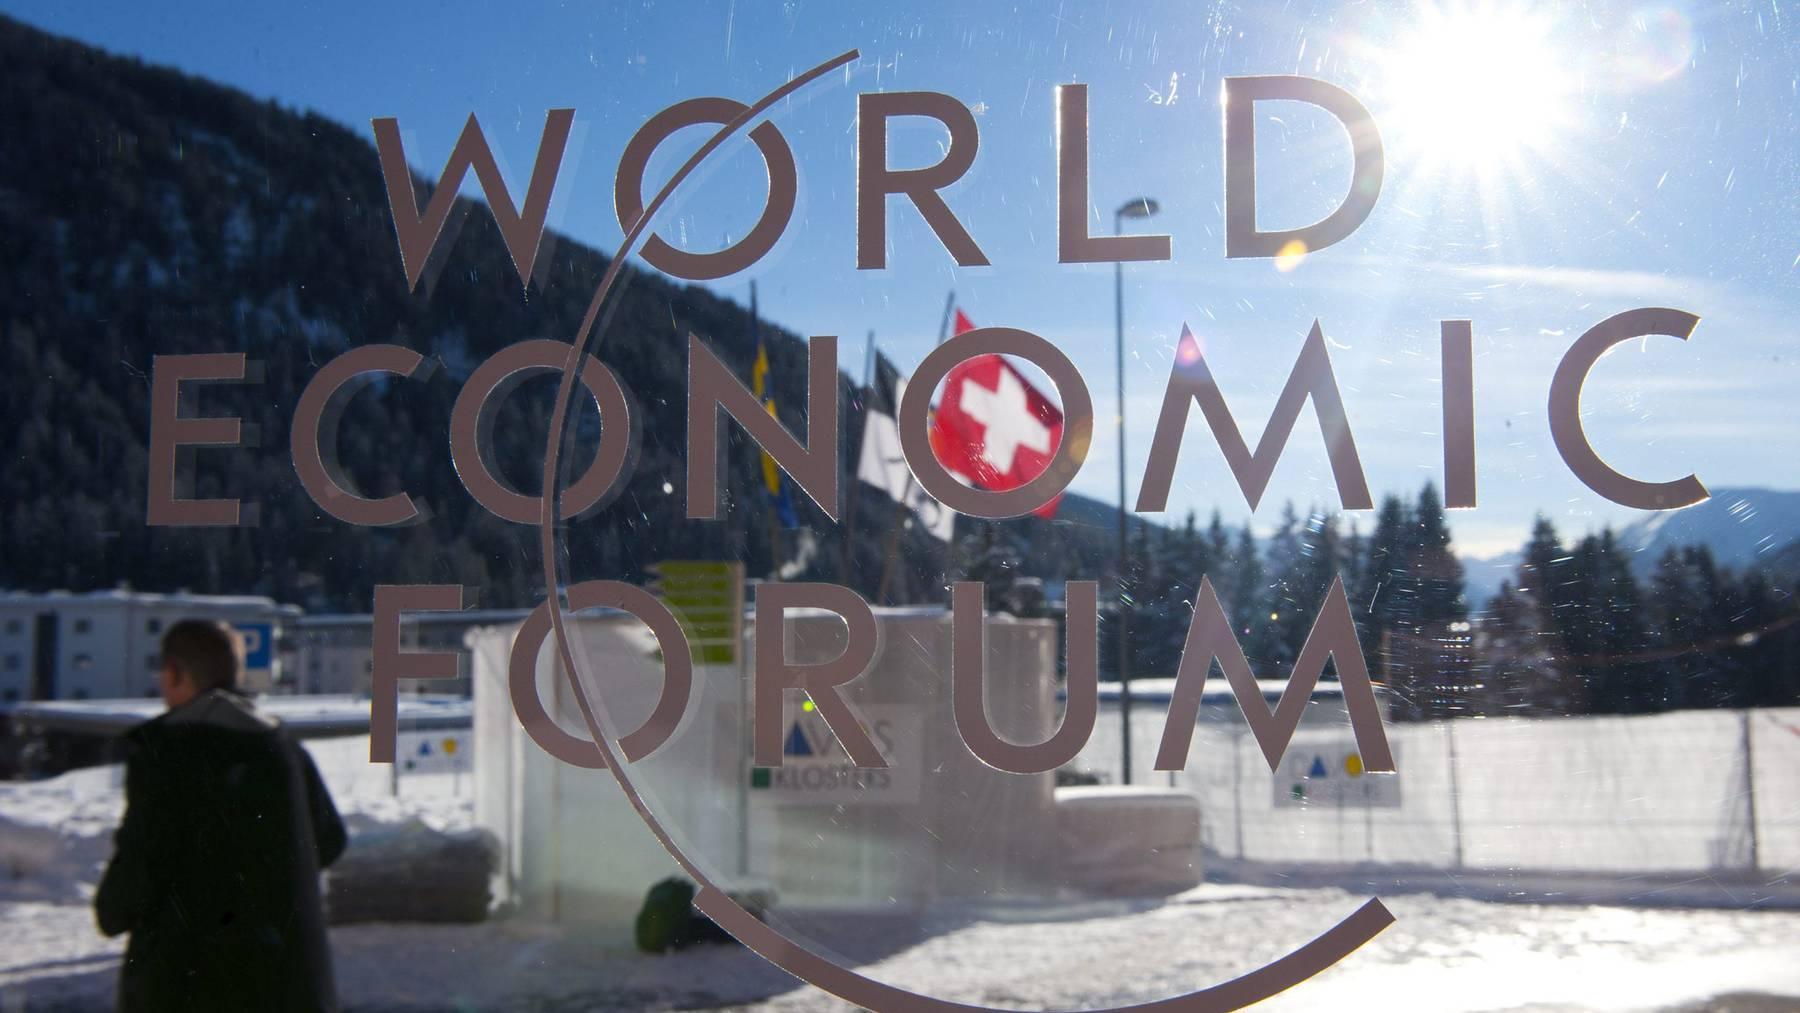 Das Weltwirtschaftsforum (WEF) hält sein 50. Jahrestreffen in Davos ab. Erwartet wird viel Politprominenz - wie etwa US-Präsident Donald Trump.